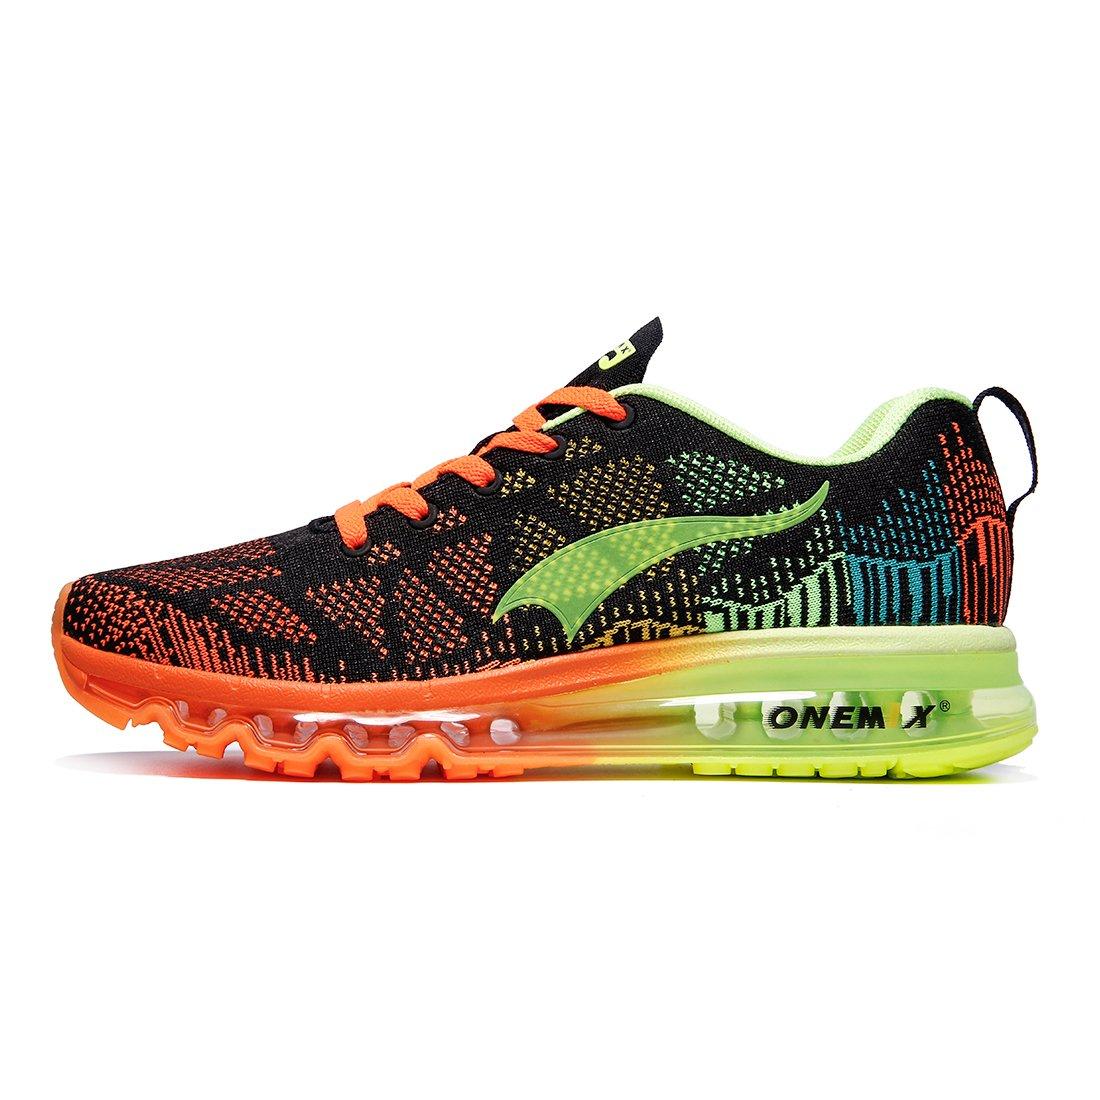 onemix Leicht Damen Laufschuhe Gute Qualität Sneaker Air Cushion WomenRunning Shoes Black Fluorescent Green